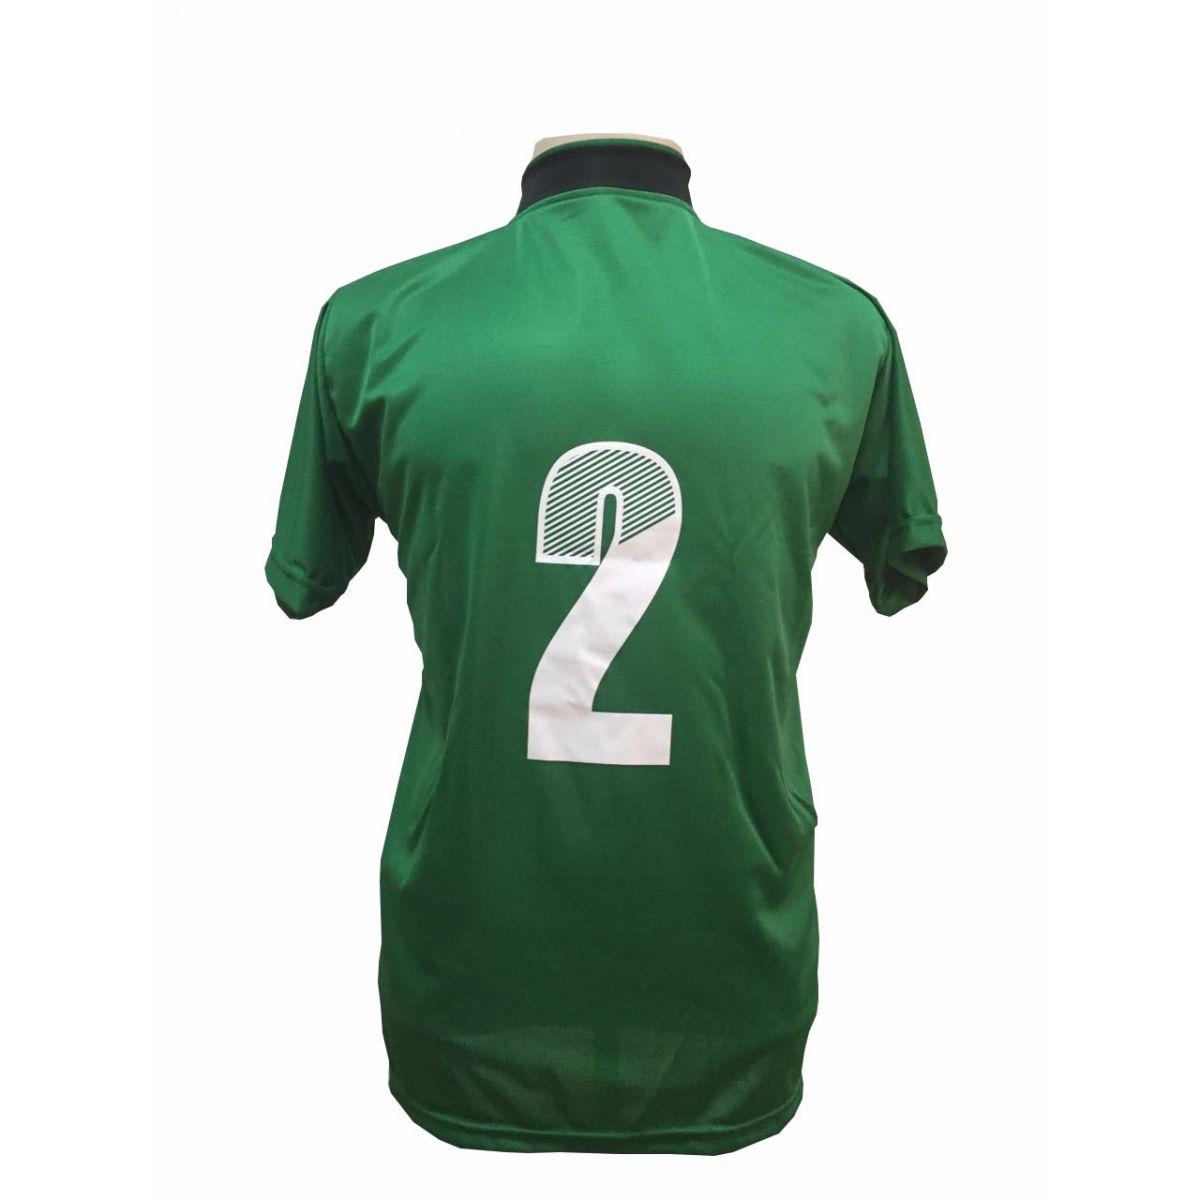 Uniforme Esportivo com 14 Camisas modelo Palermo Verde/Preto + 14 Calções modelo Madri Preto